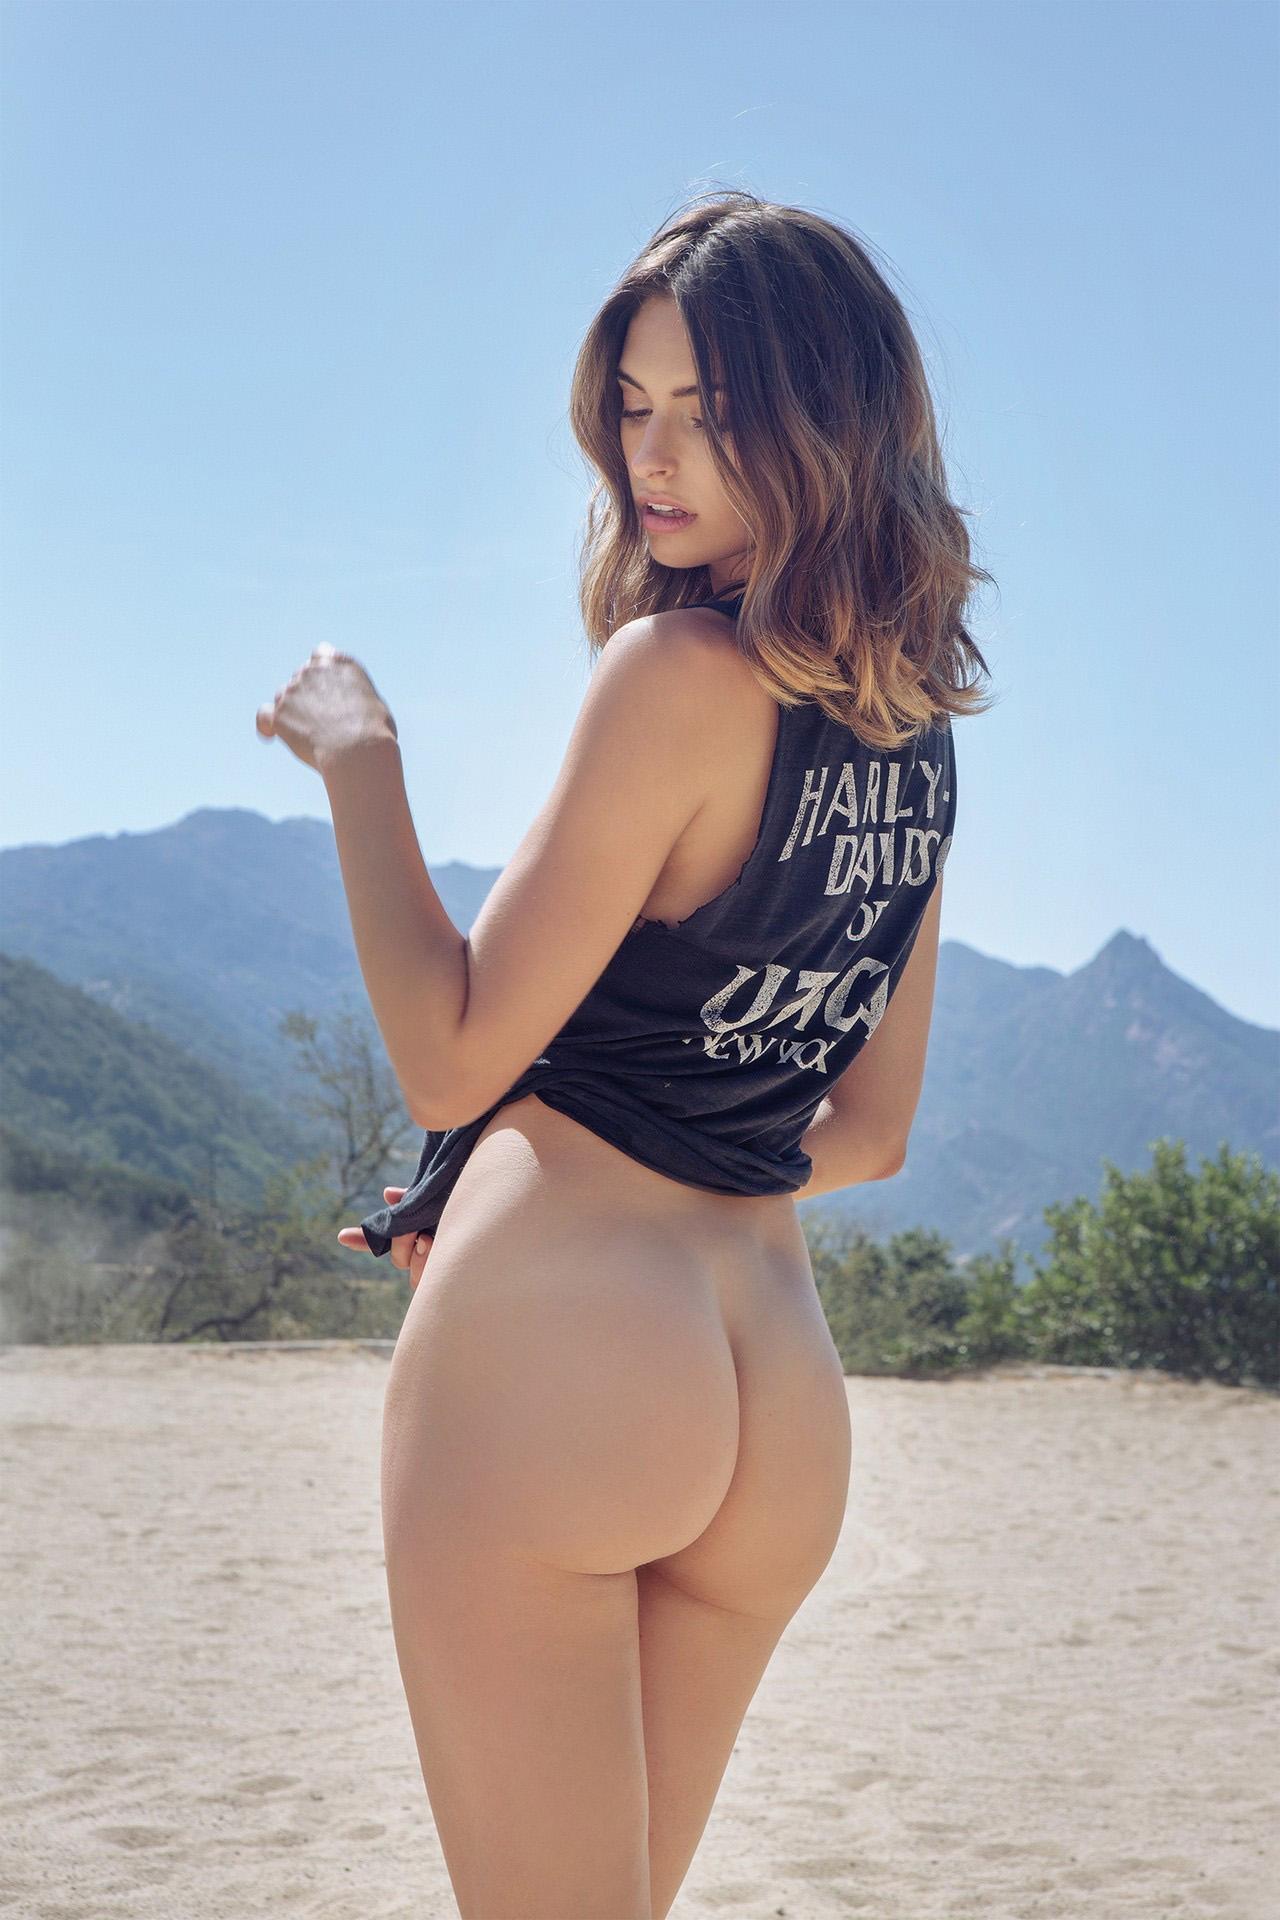 Fotos de meninas sem calcinha